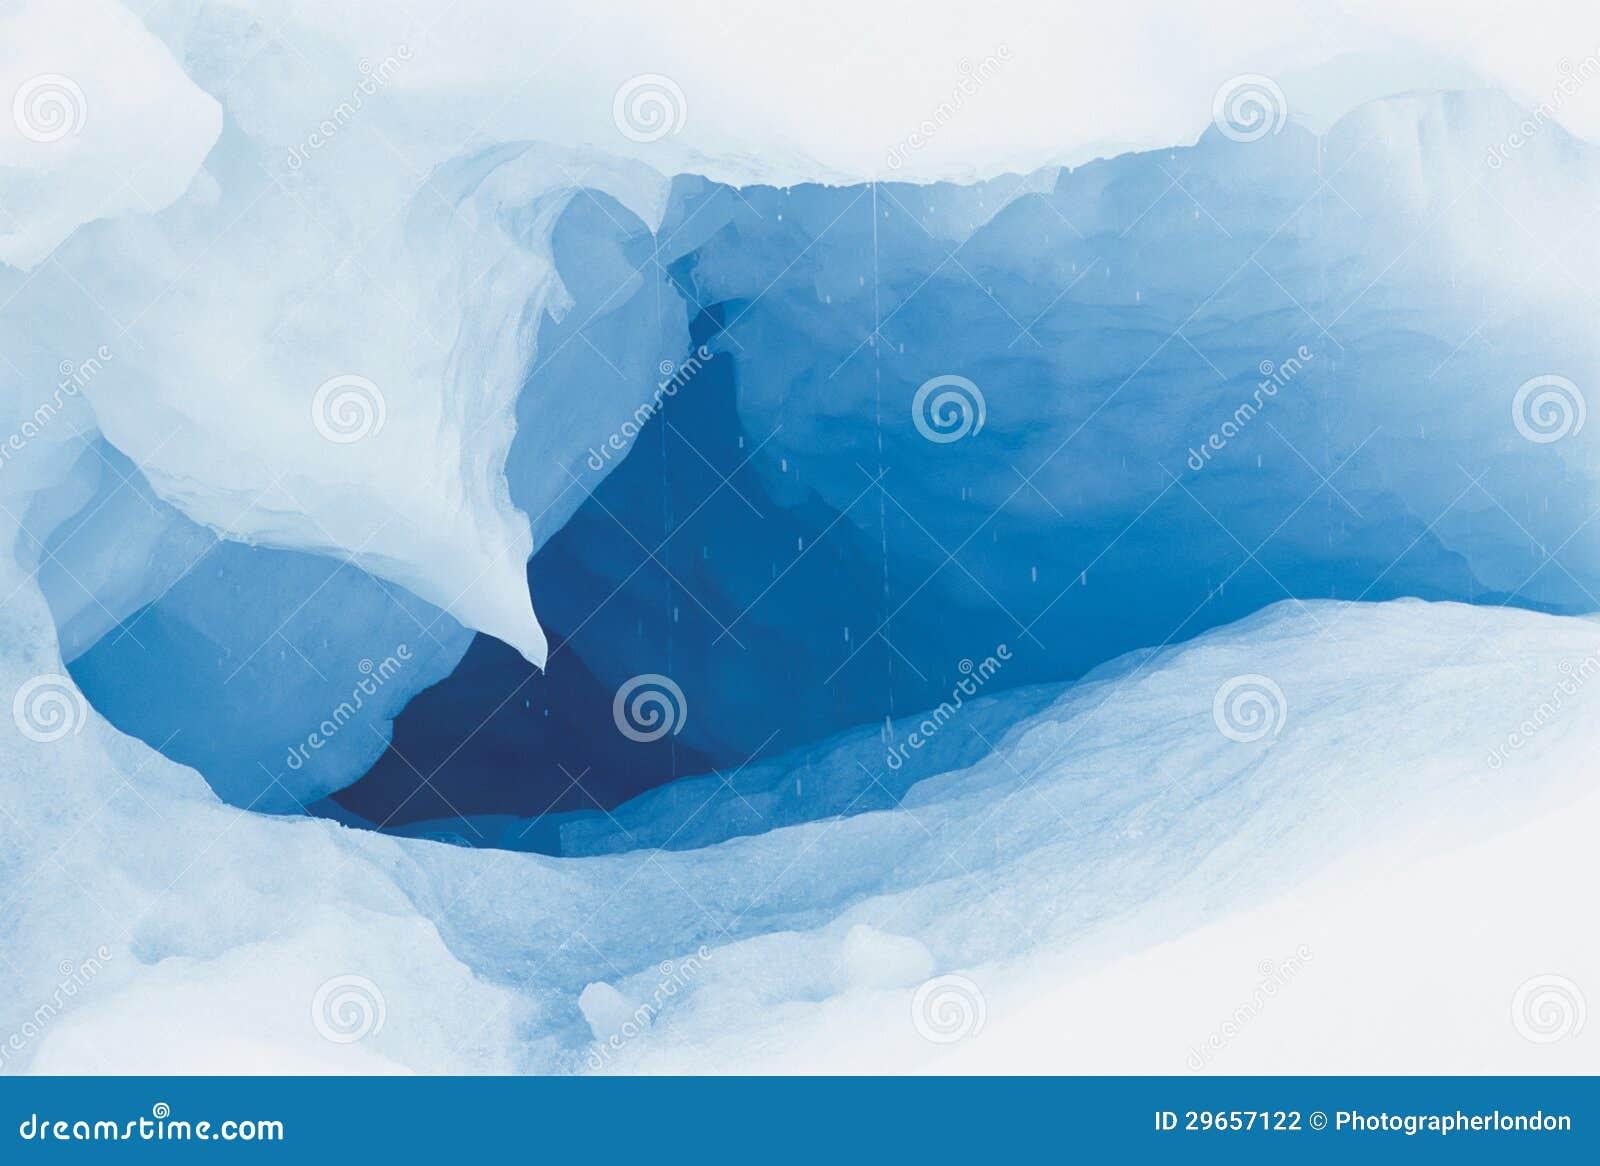 Caverna di ghiaccio